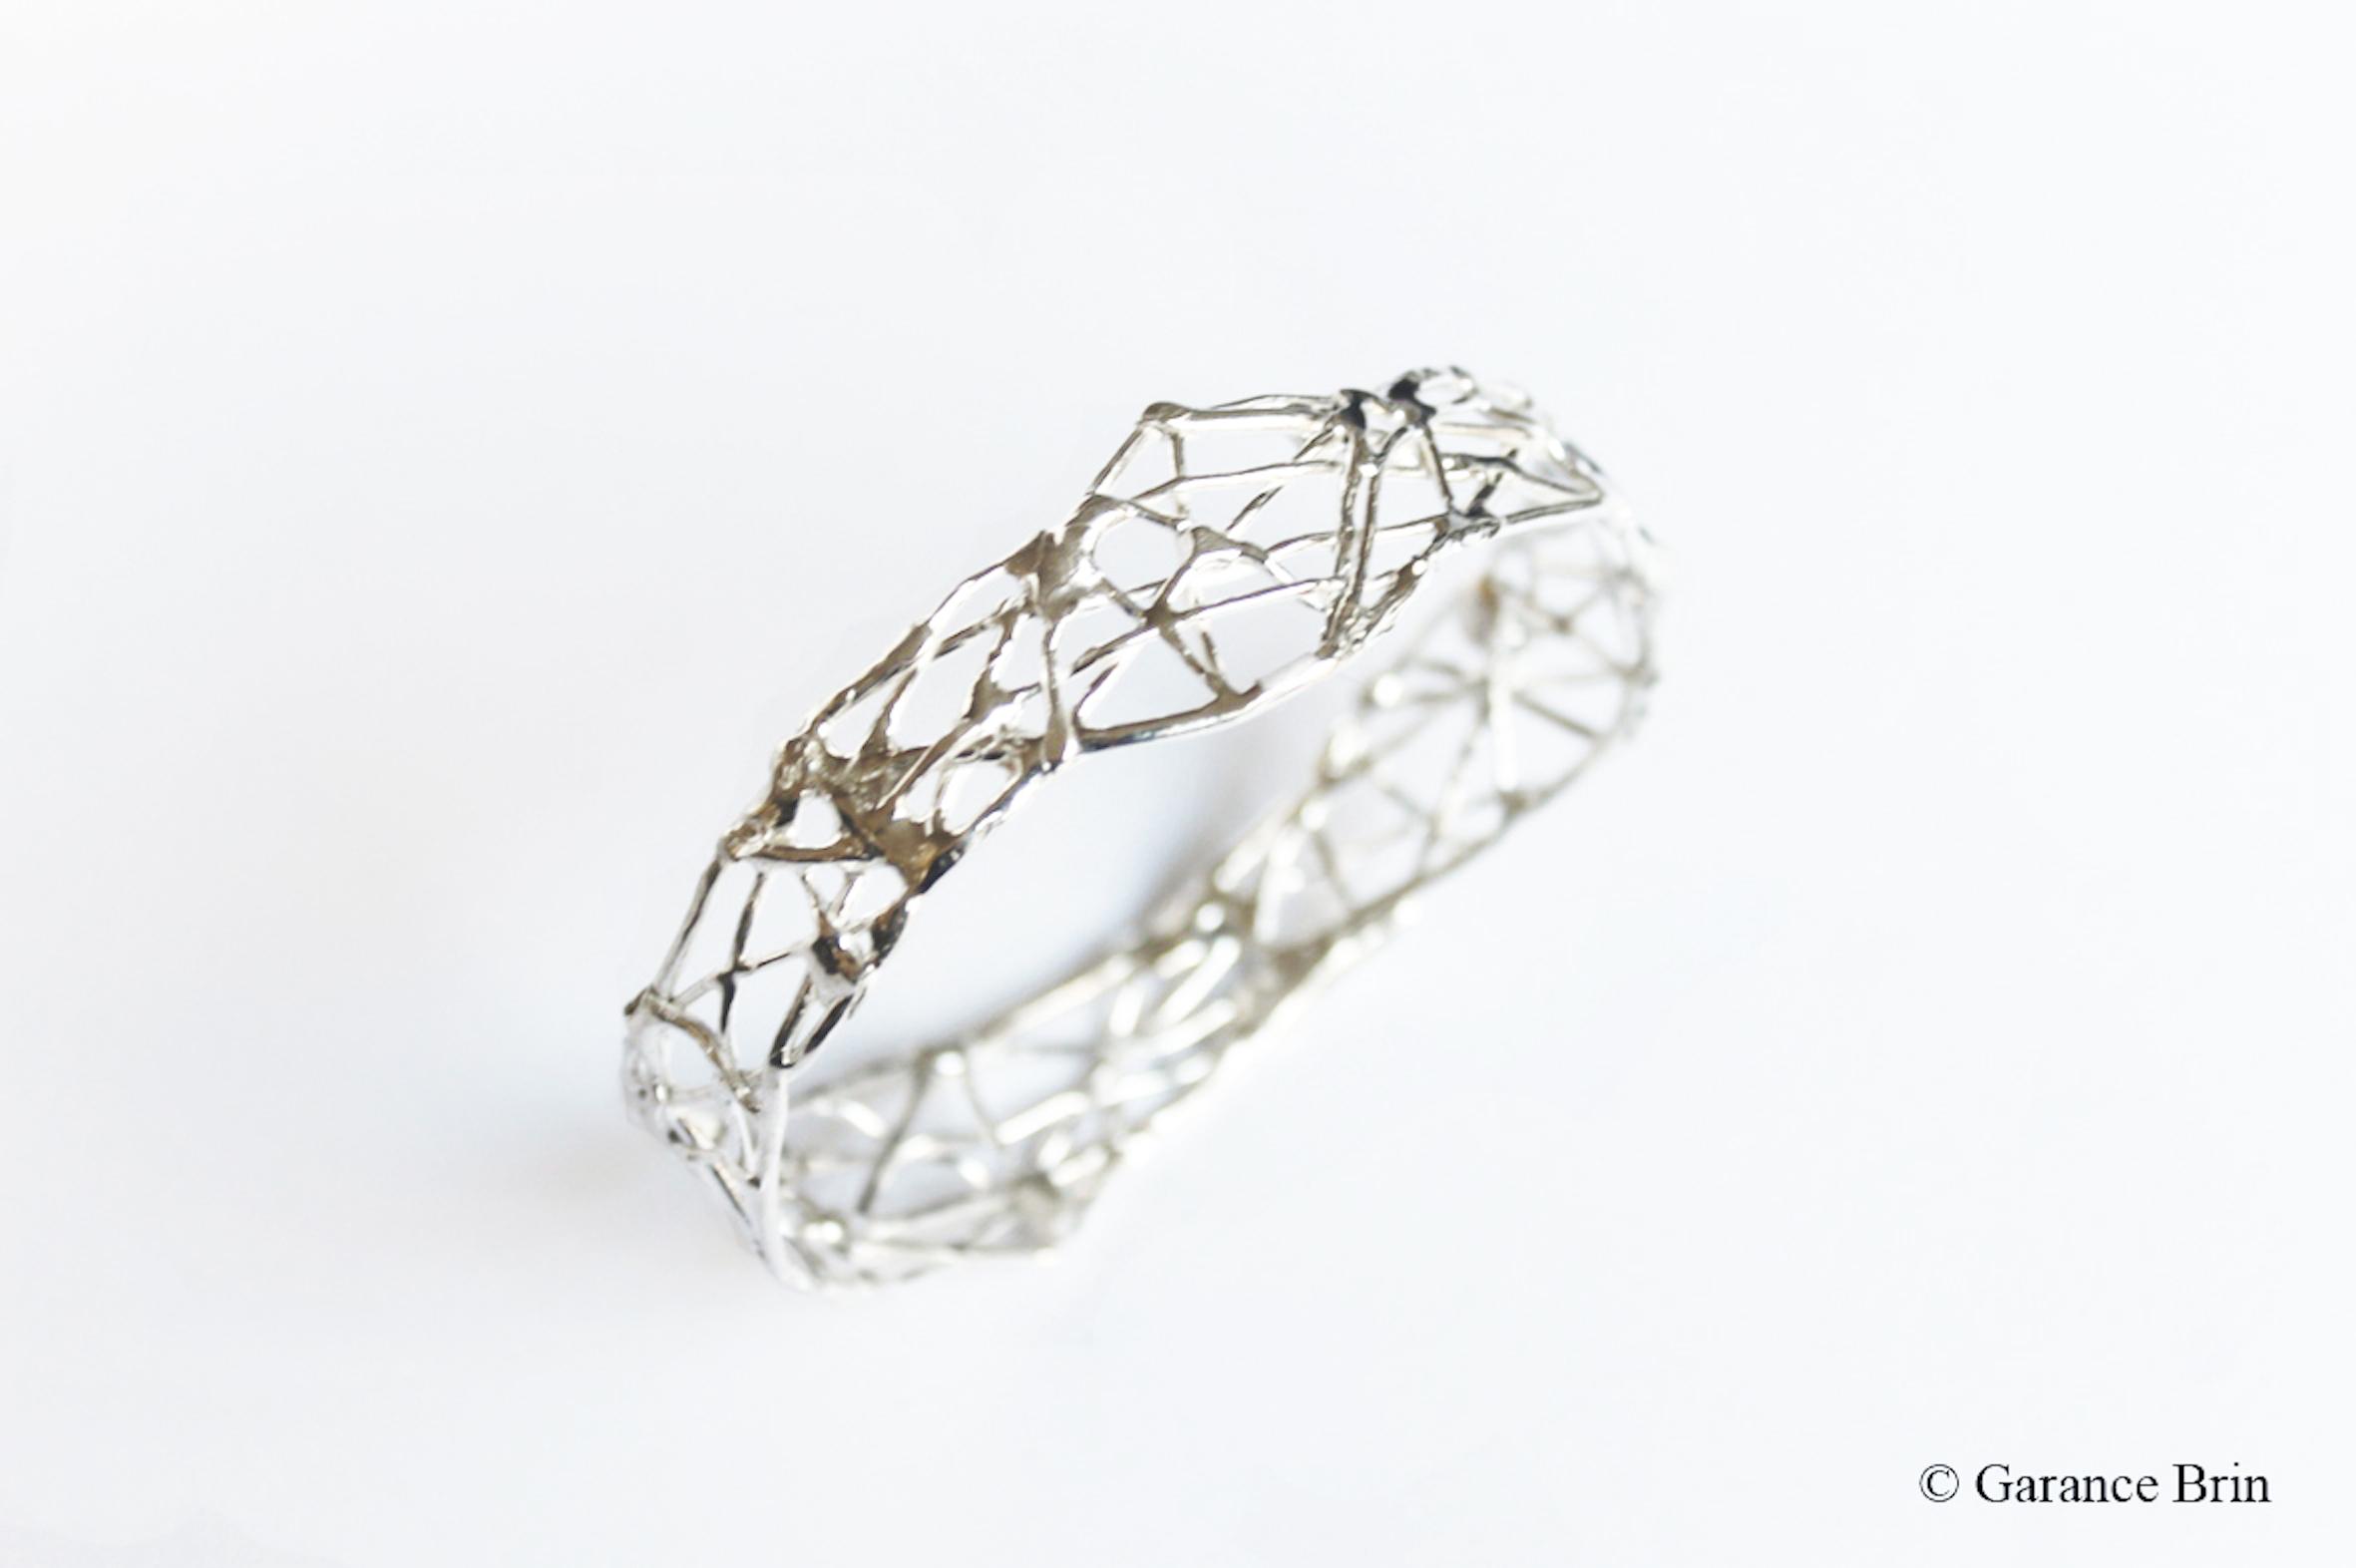 Bracelet brut de toile G BRIN